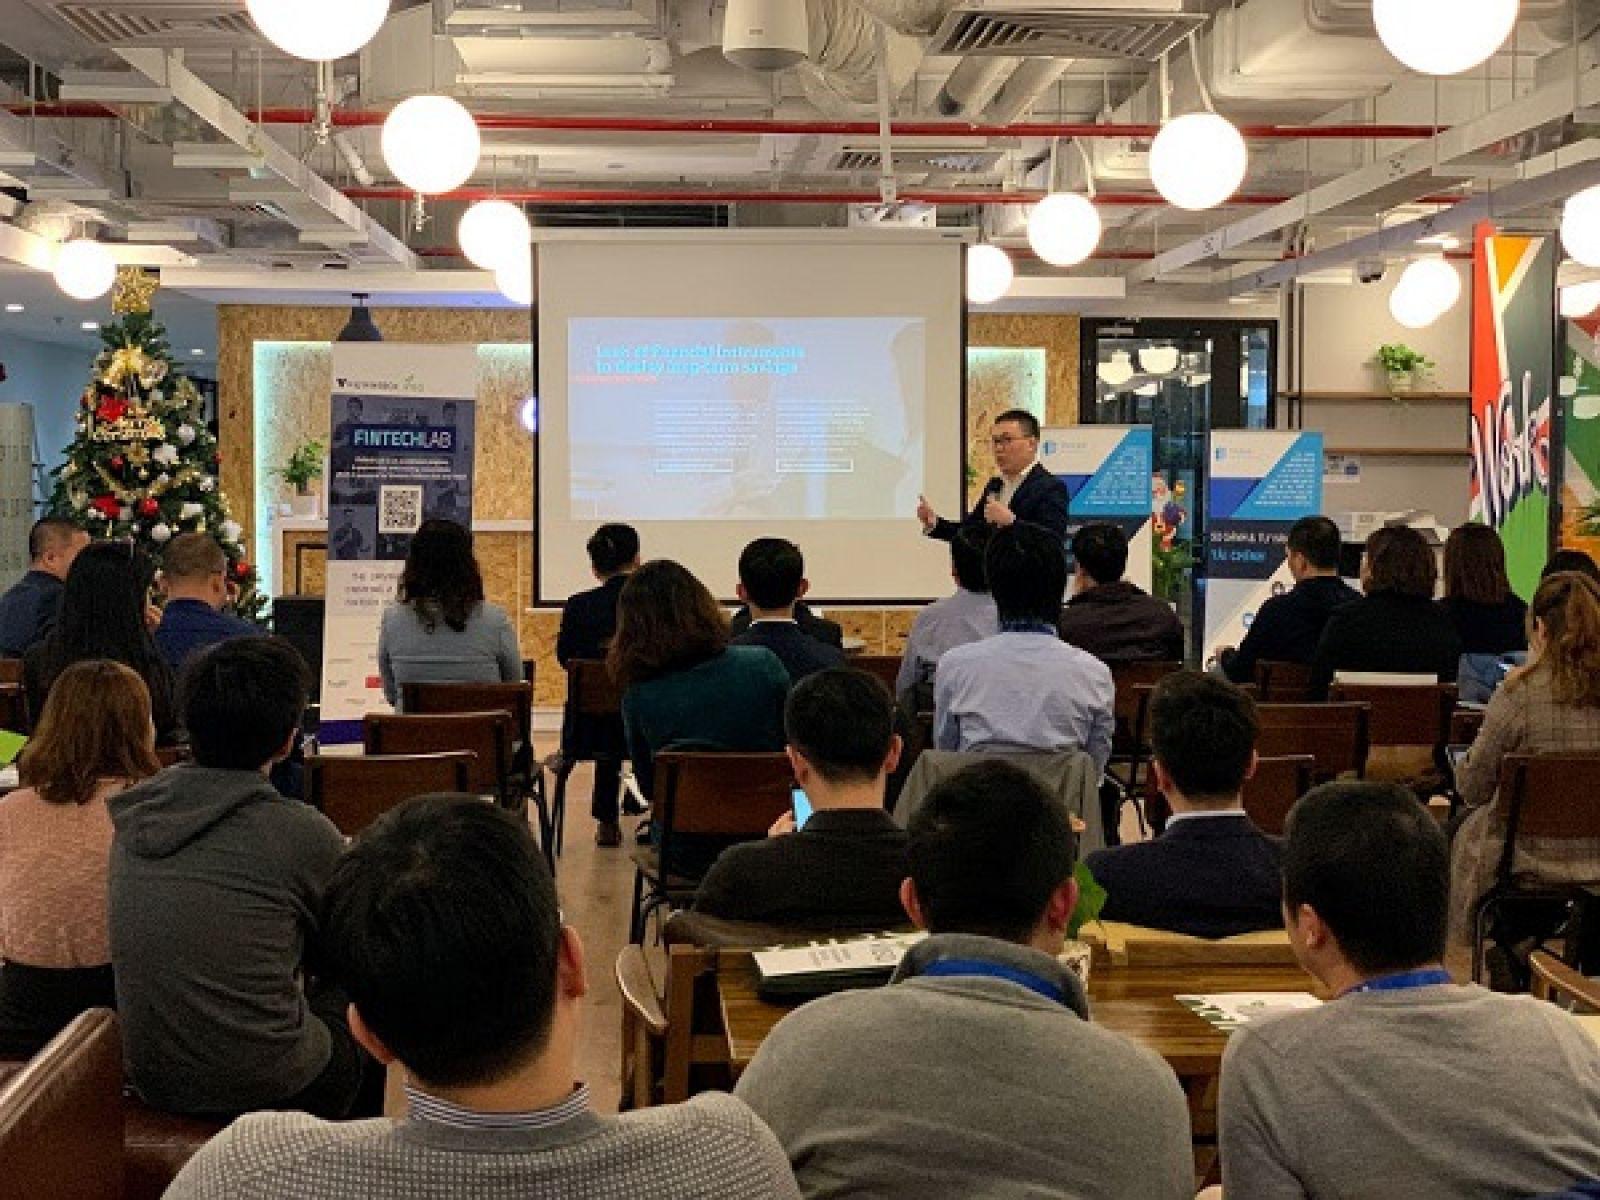 Các start-up thuyết trình trong chương trình Fin Tech Lab